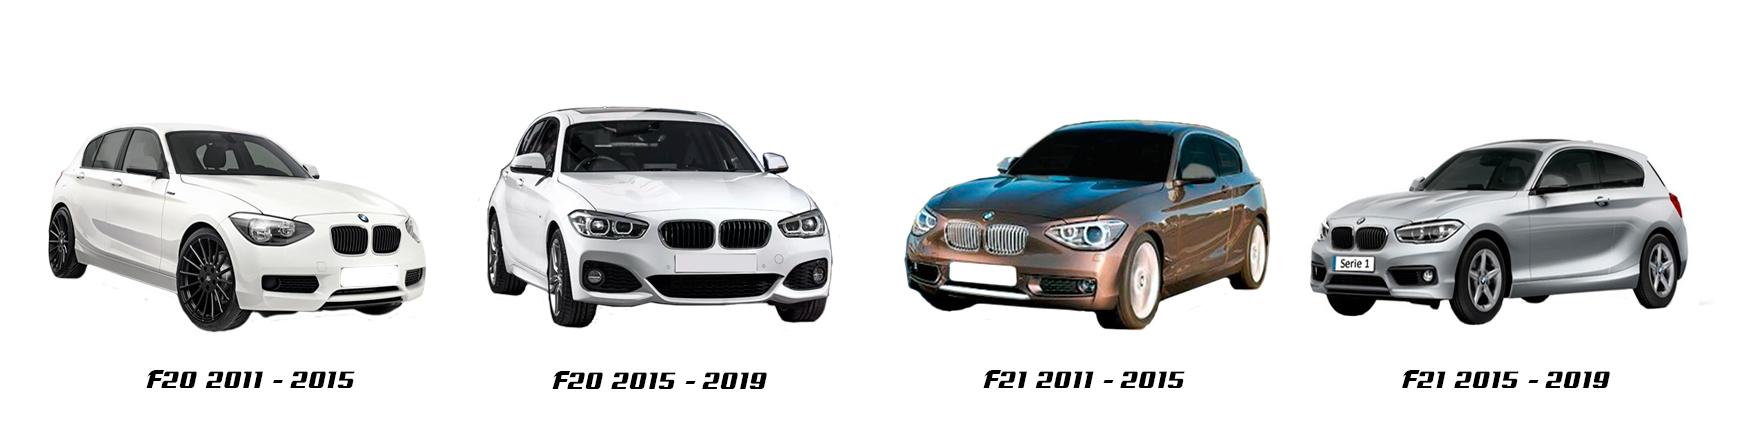 SERIE 1 F20 F21 2011 - 2014